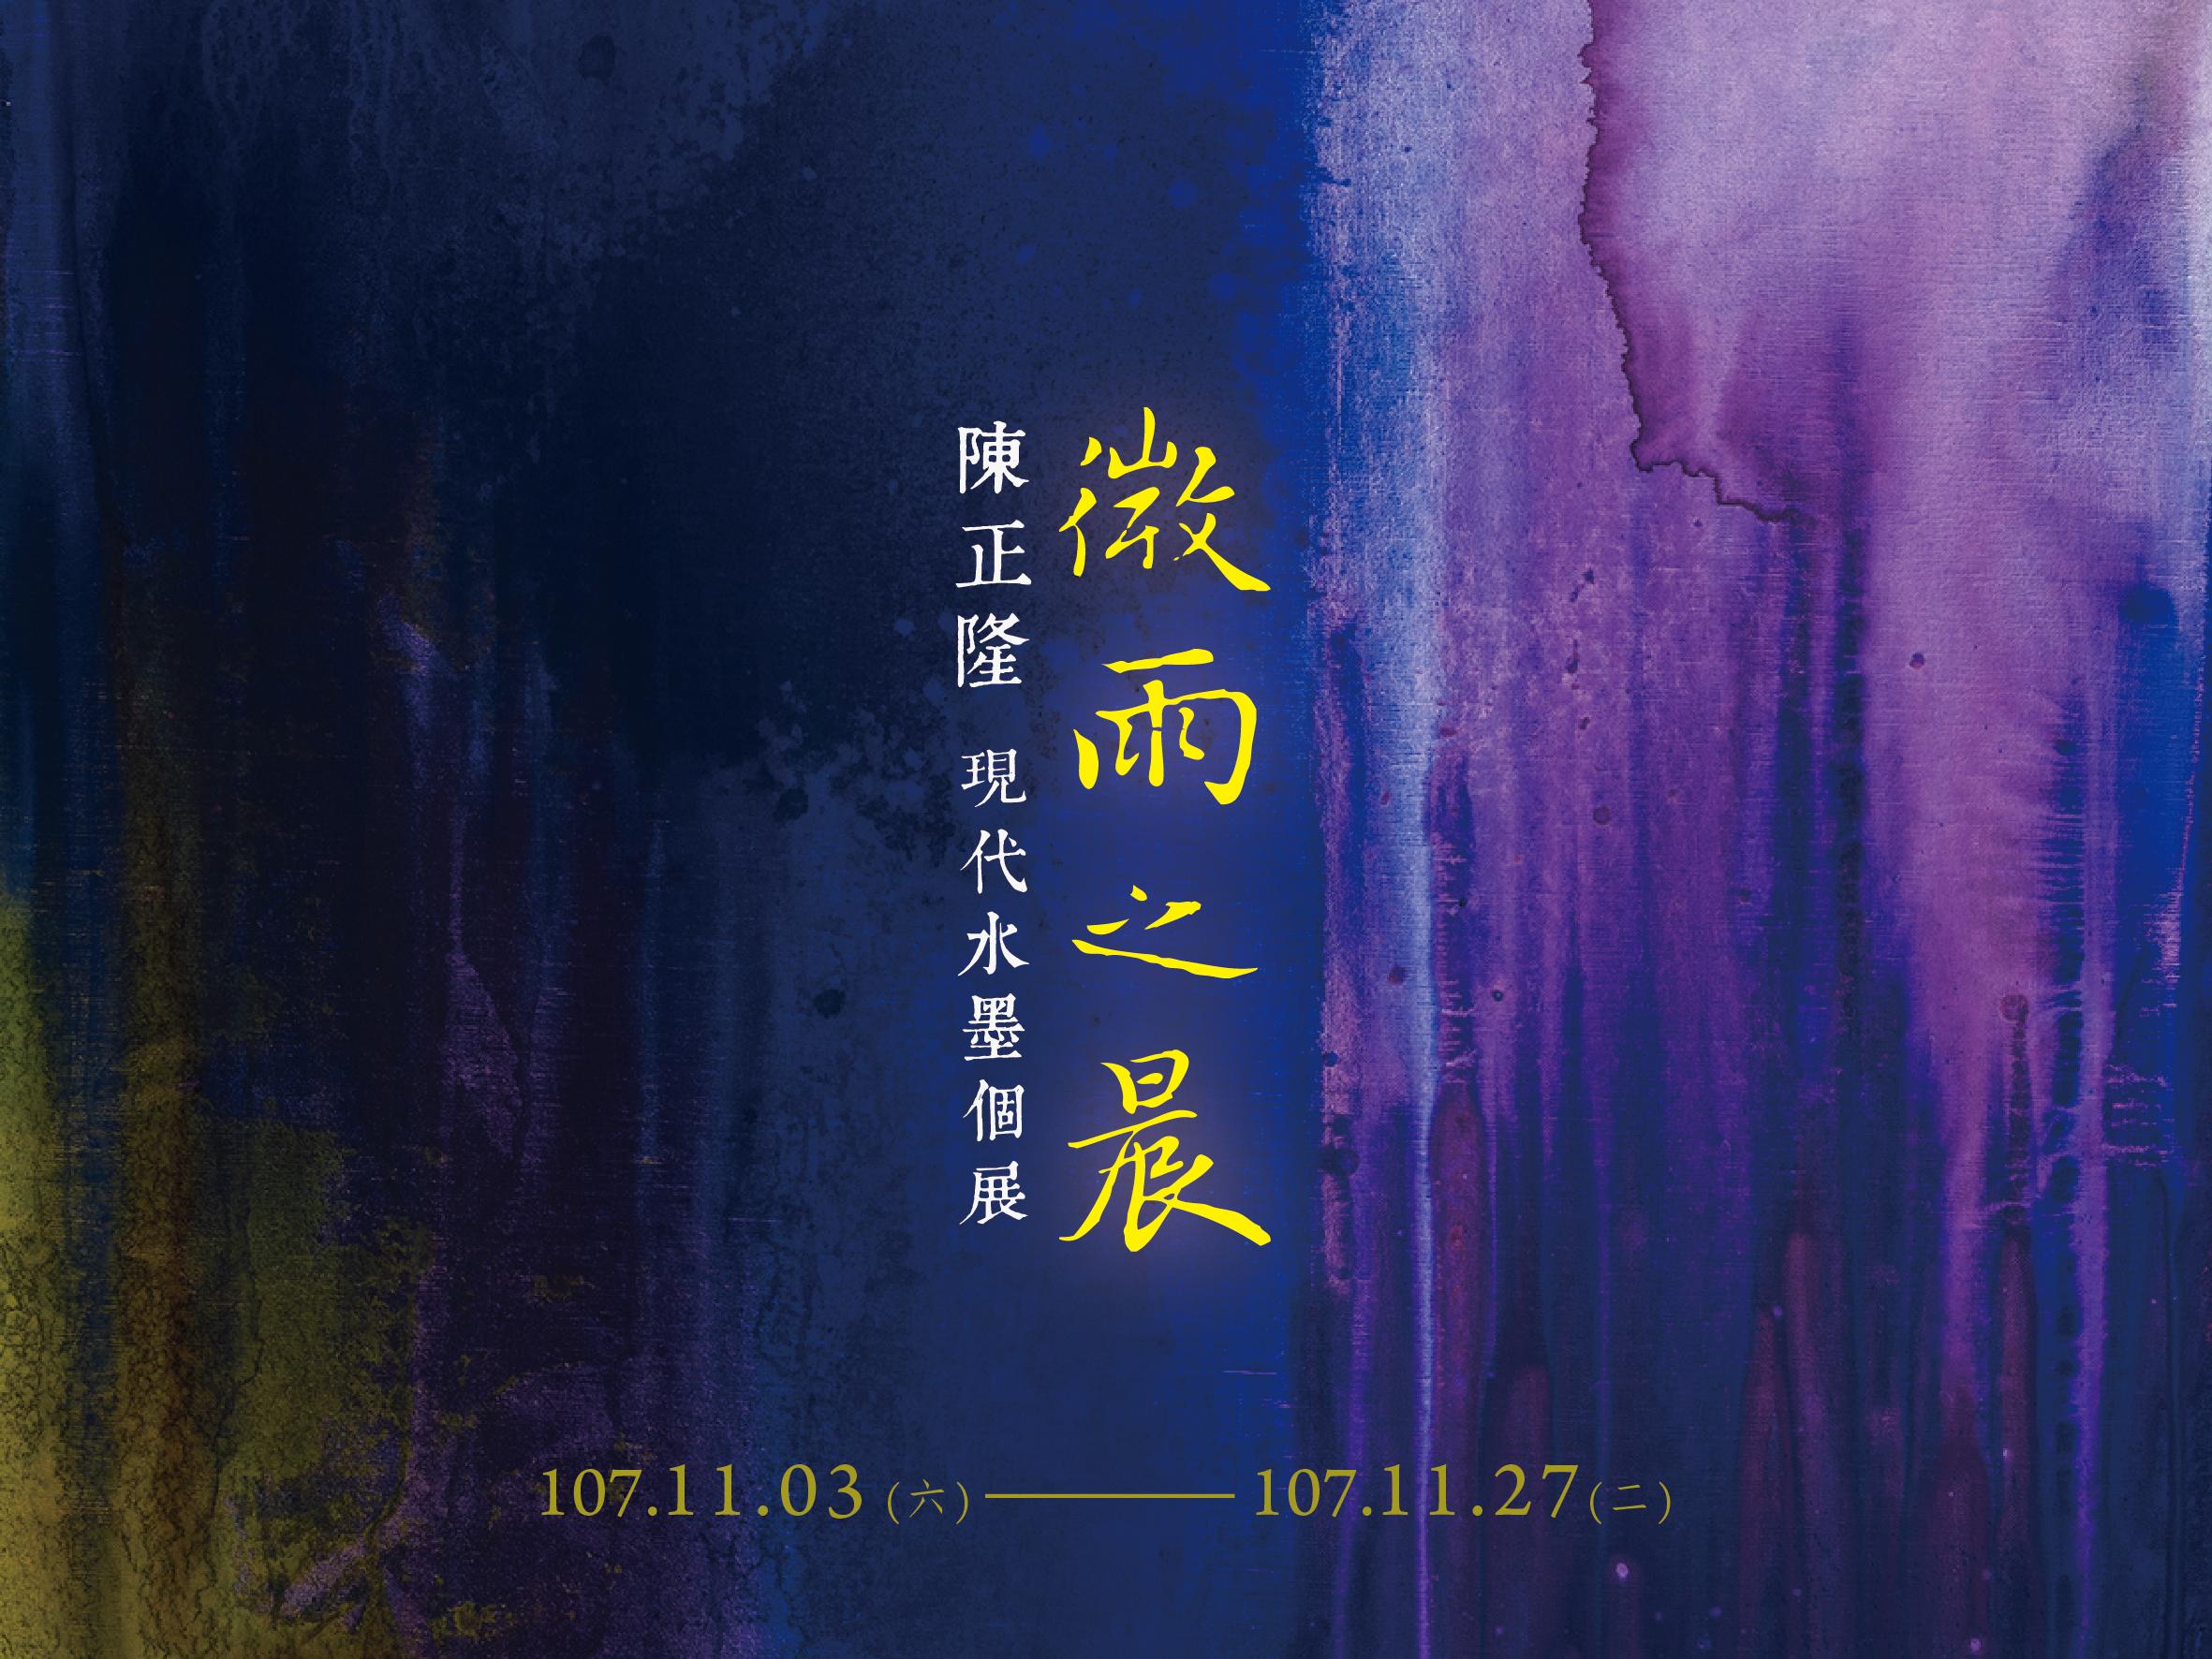 【微雨之晨-陳正隆 現代水墨個展】